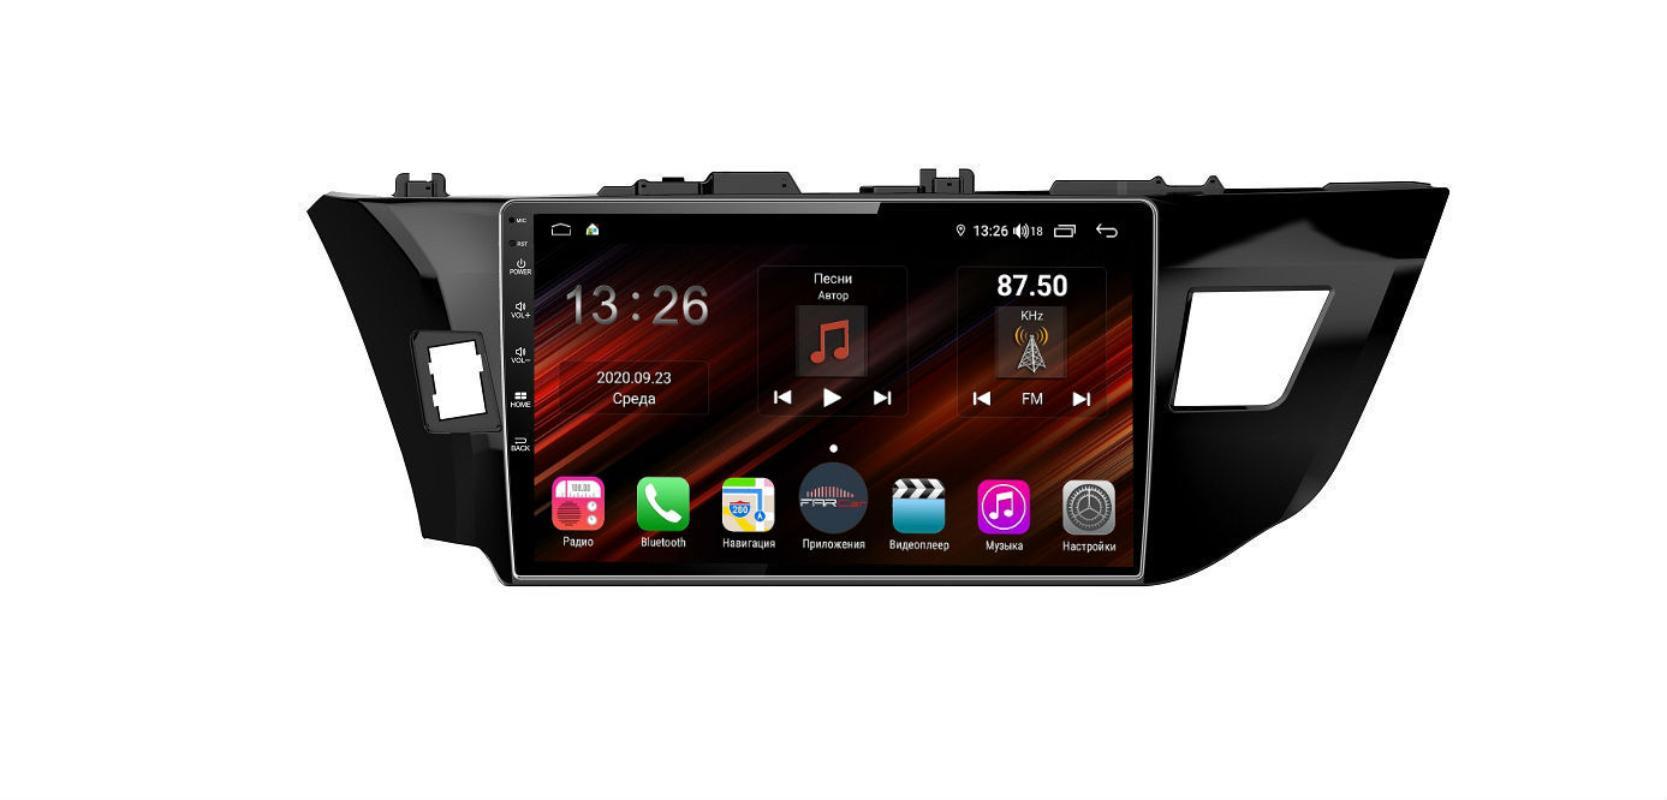 Штатная магнитола FarCar s400 Super HD для Toyota Corolla на Android (XH307R) (+ Камера заднего вида в подарок!)